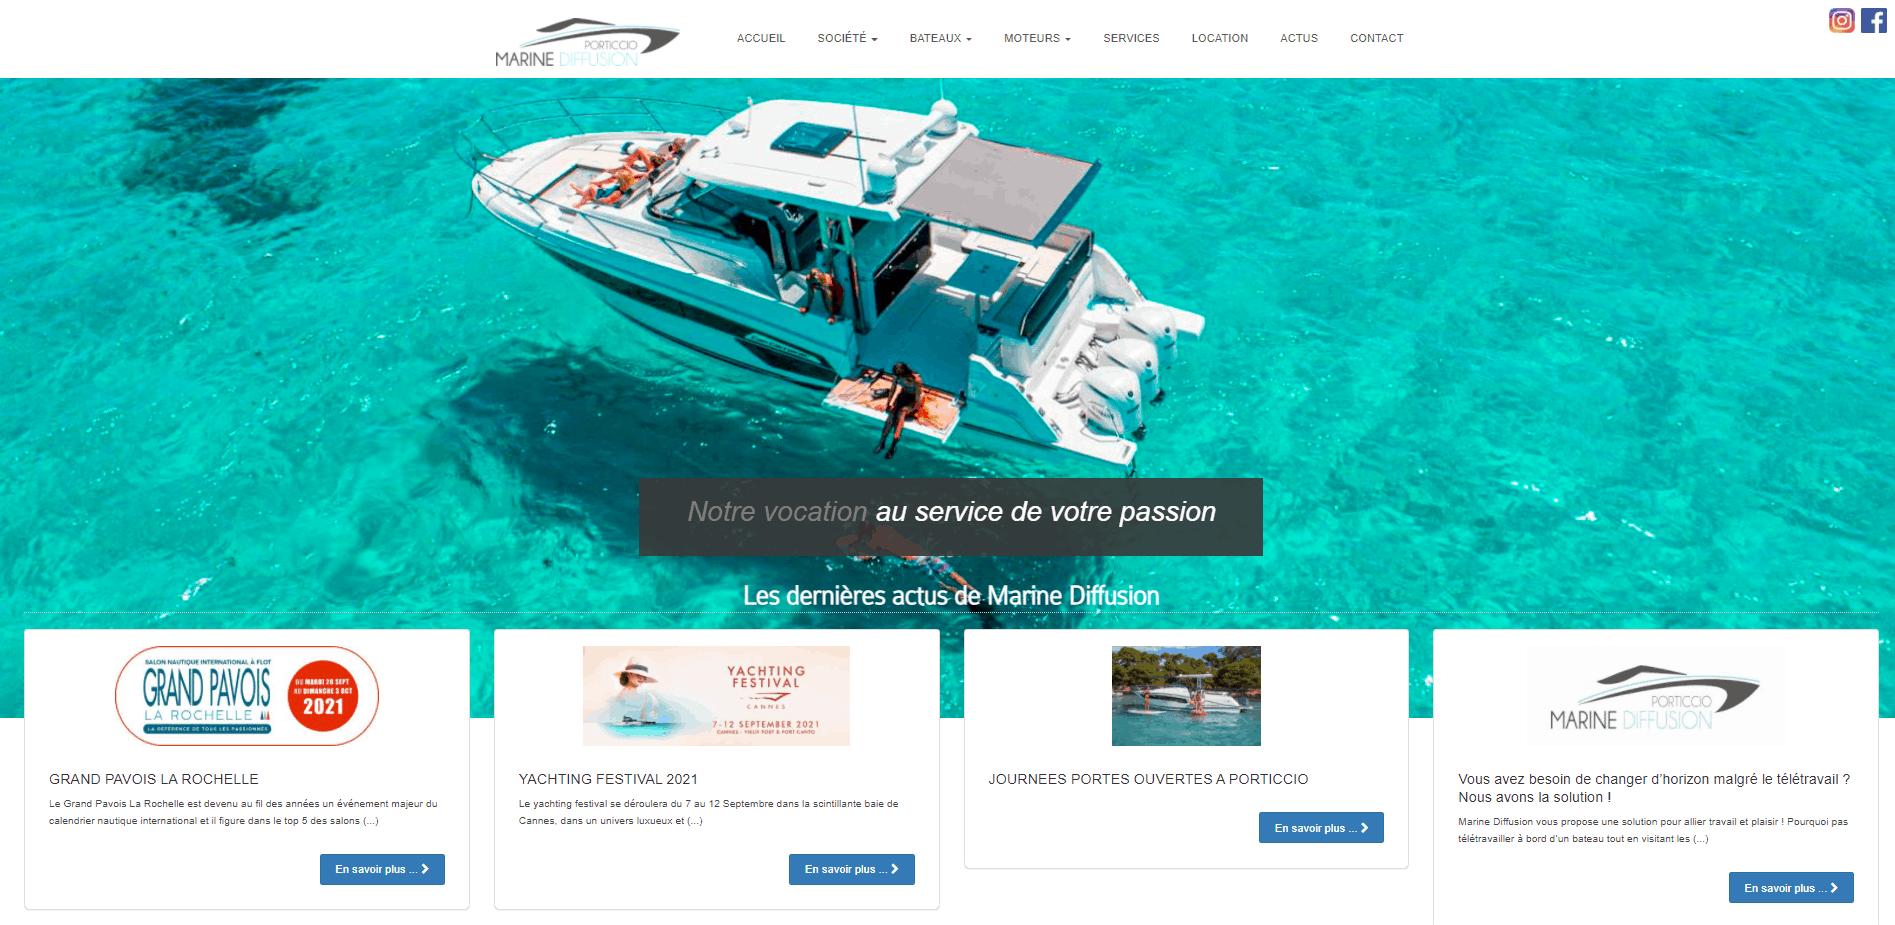 Site internet Paris Lyon Besançon- référencement naturel SEO, bateau sur la mer bleue lagon